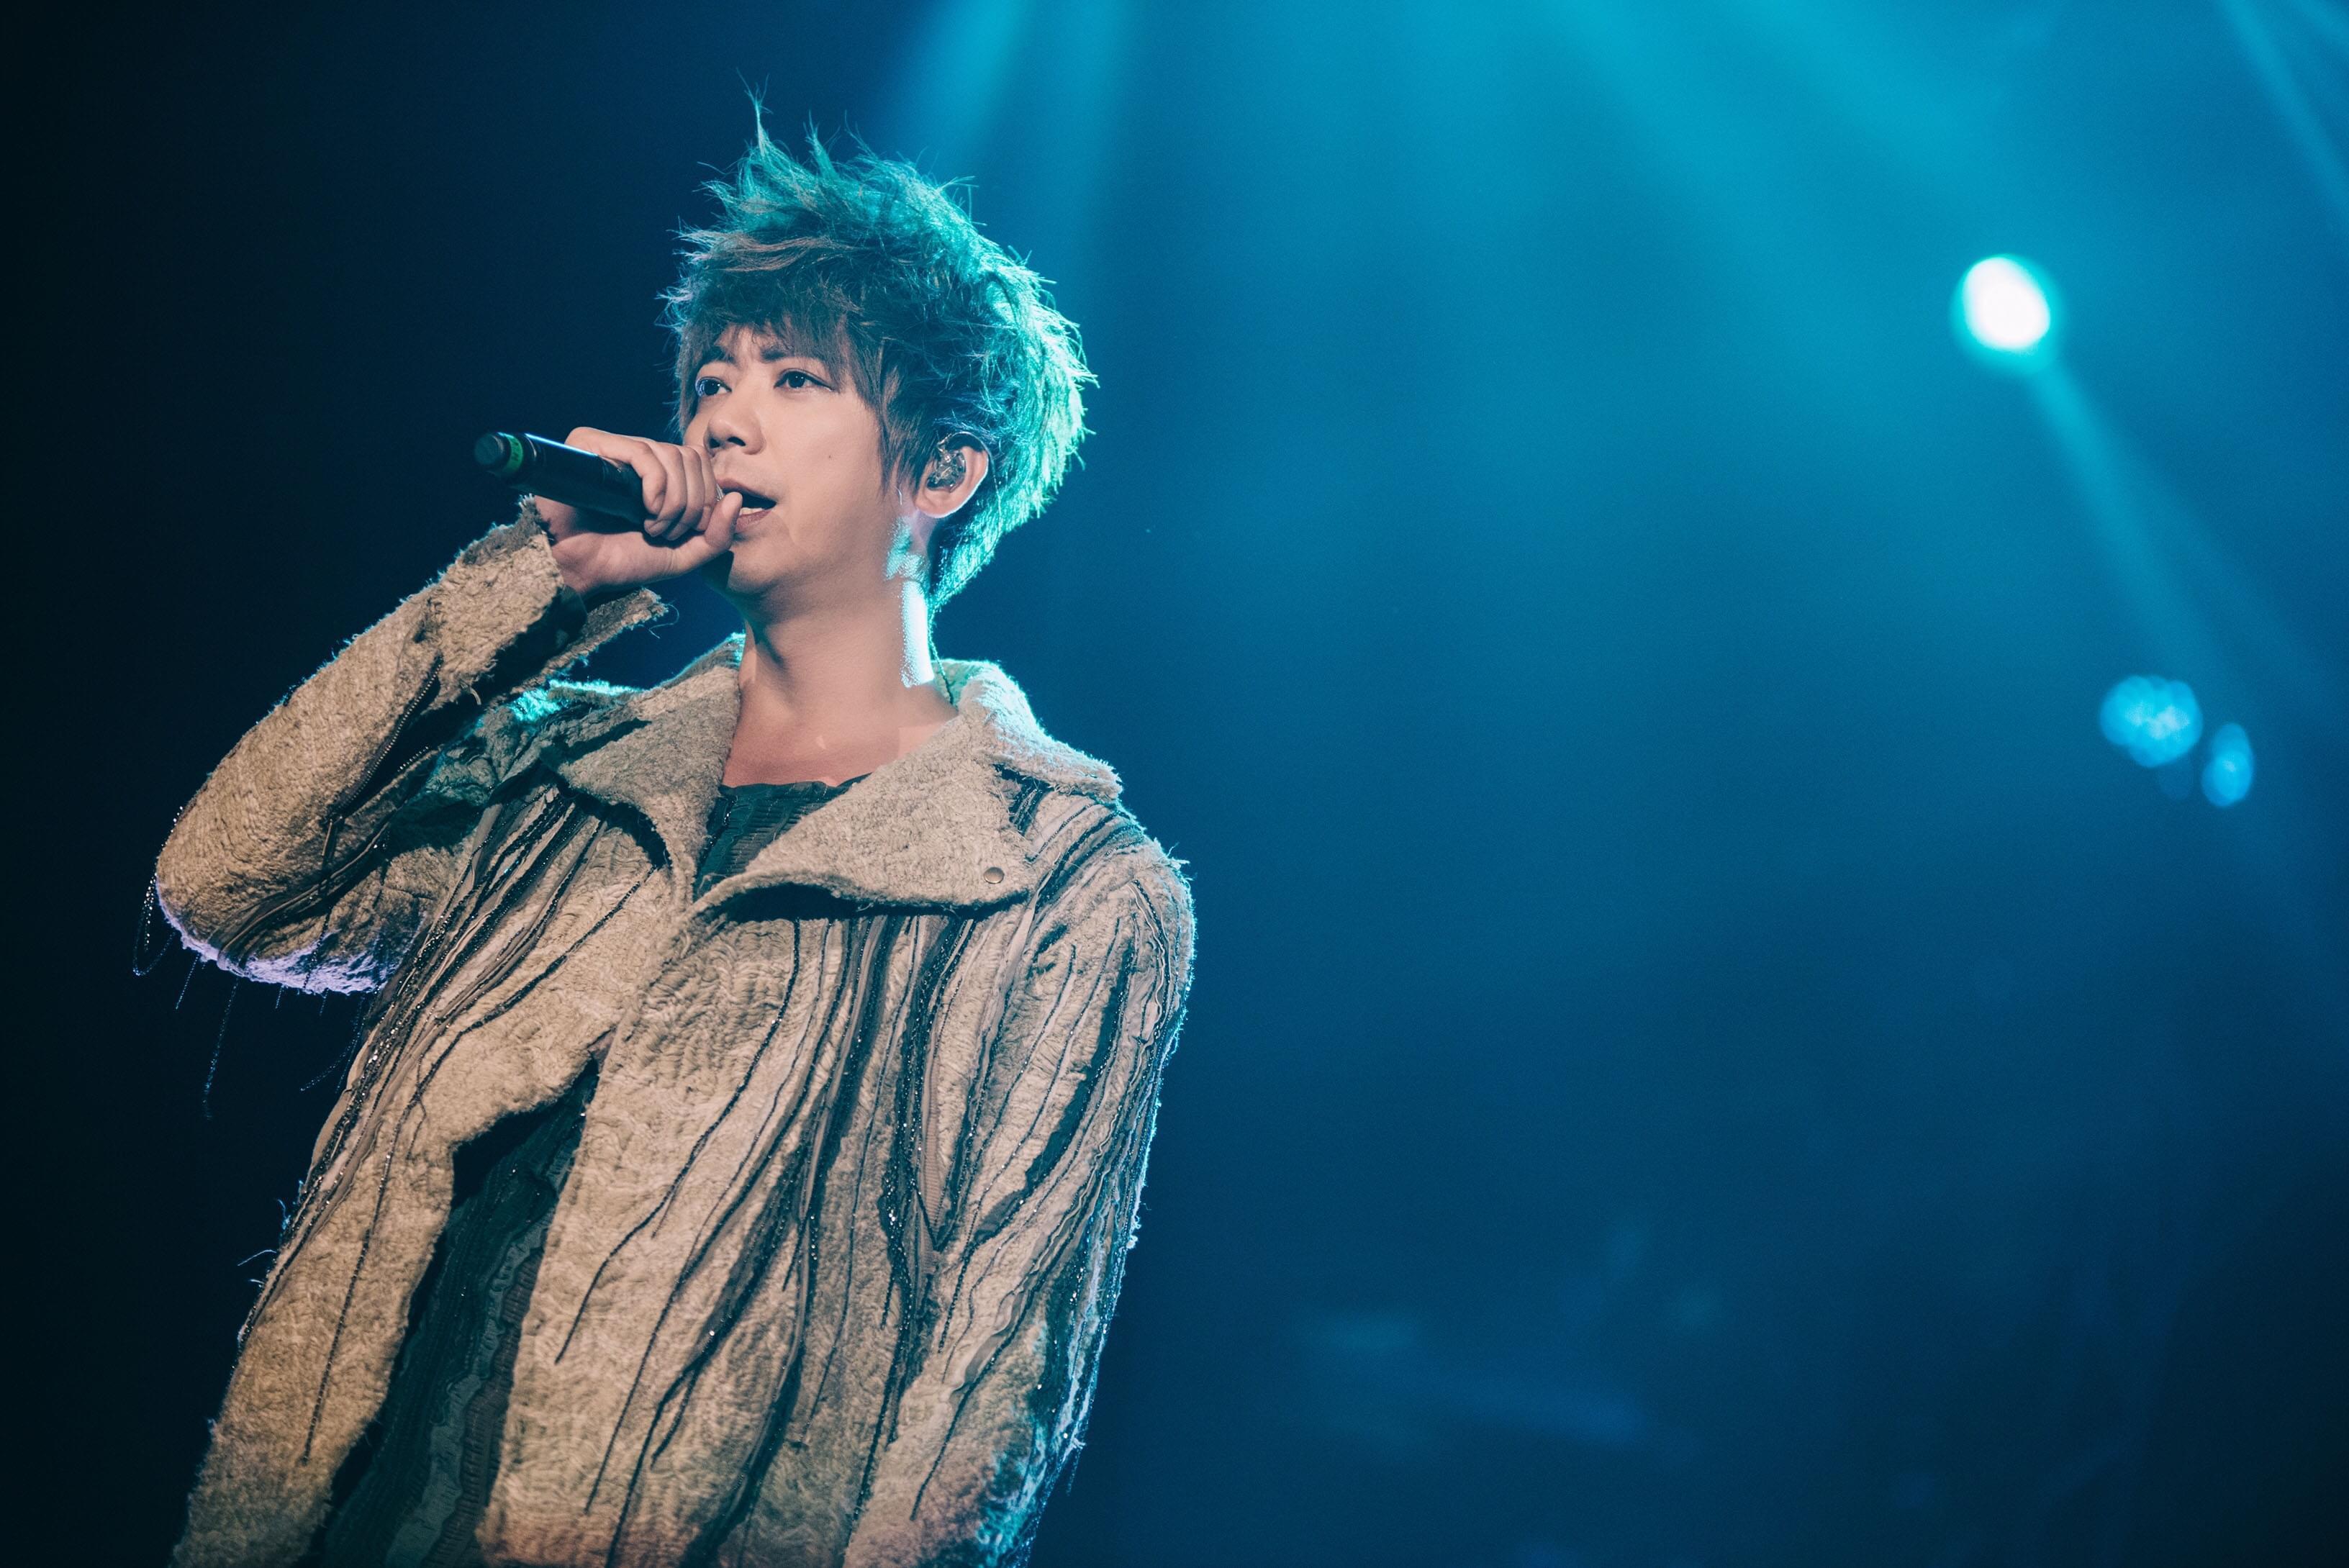 信《GentleMonster》十米高台开唱,全国歌迷齐聚北京摇滚之夜